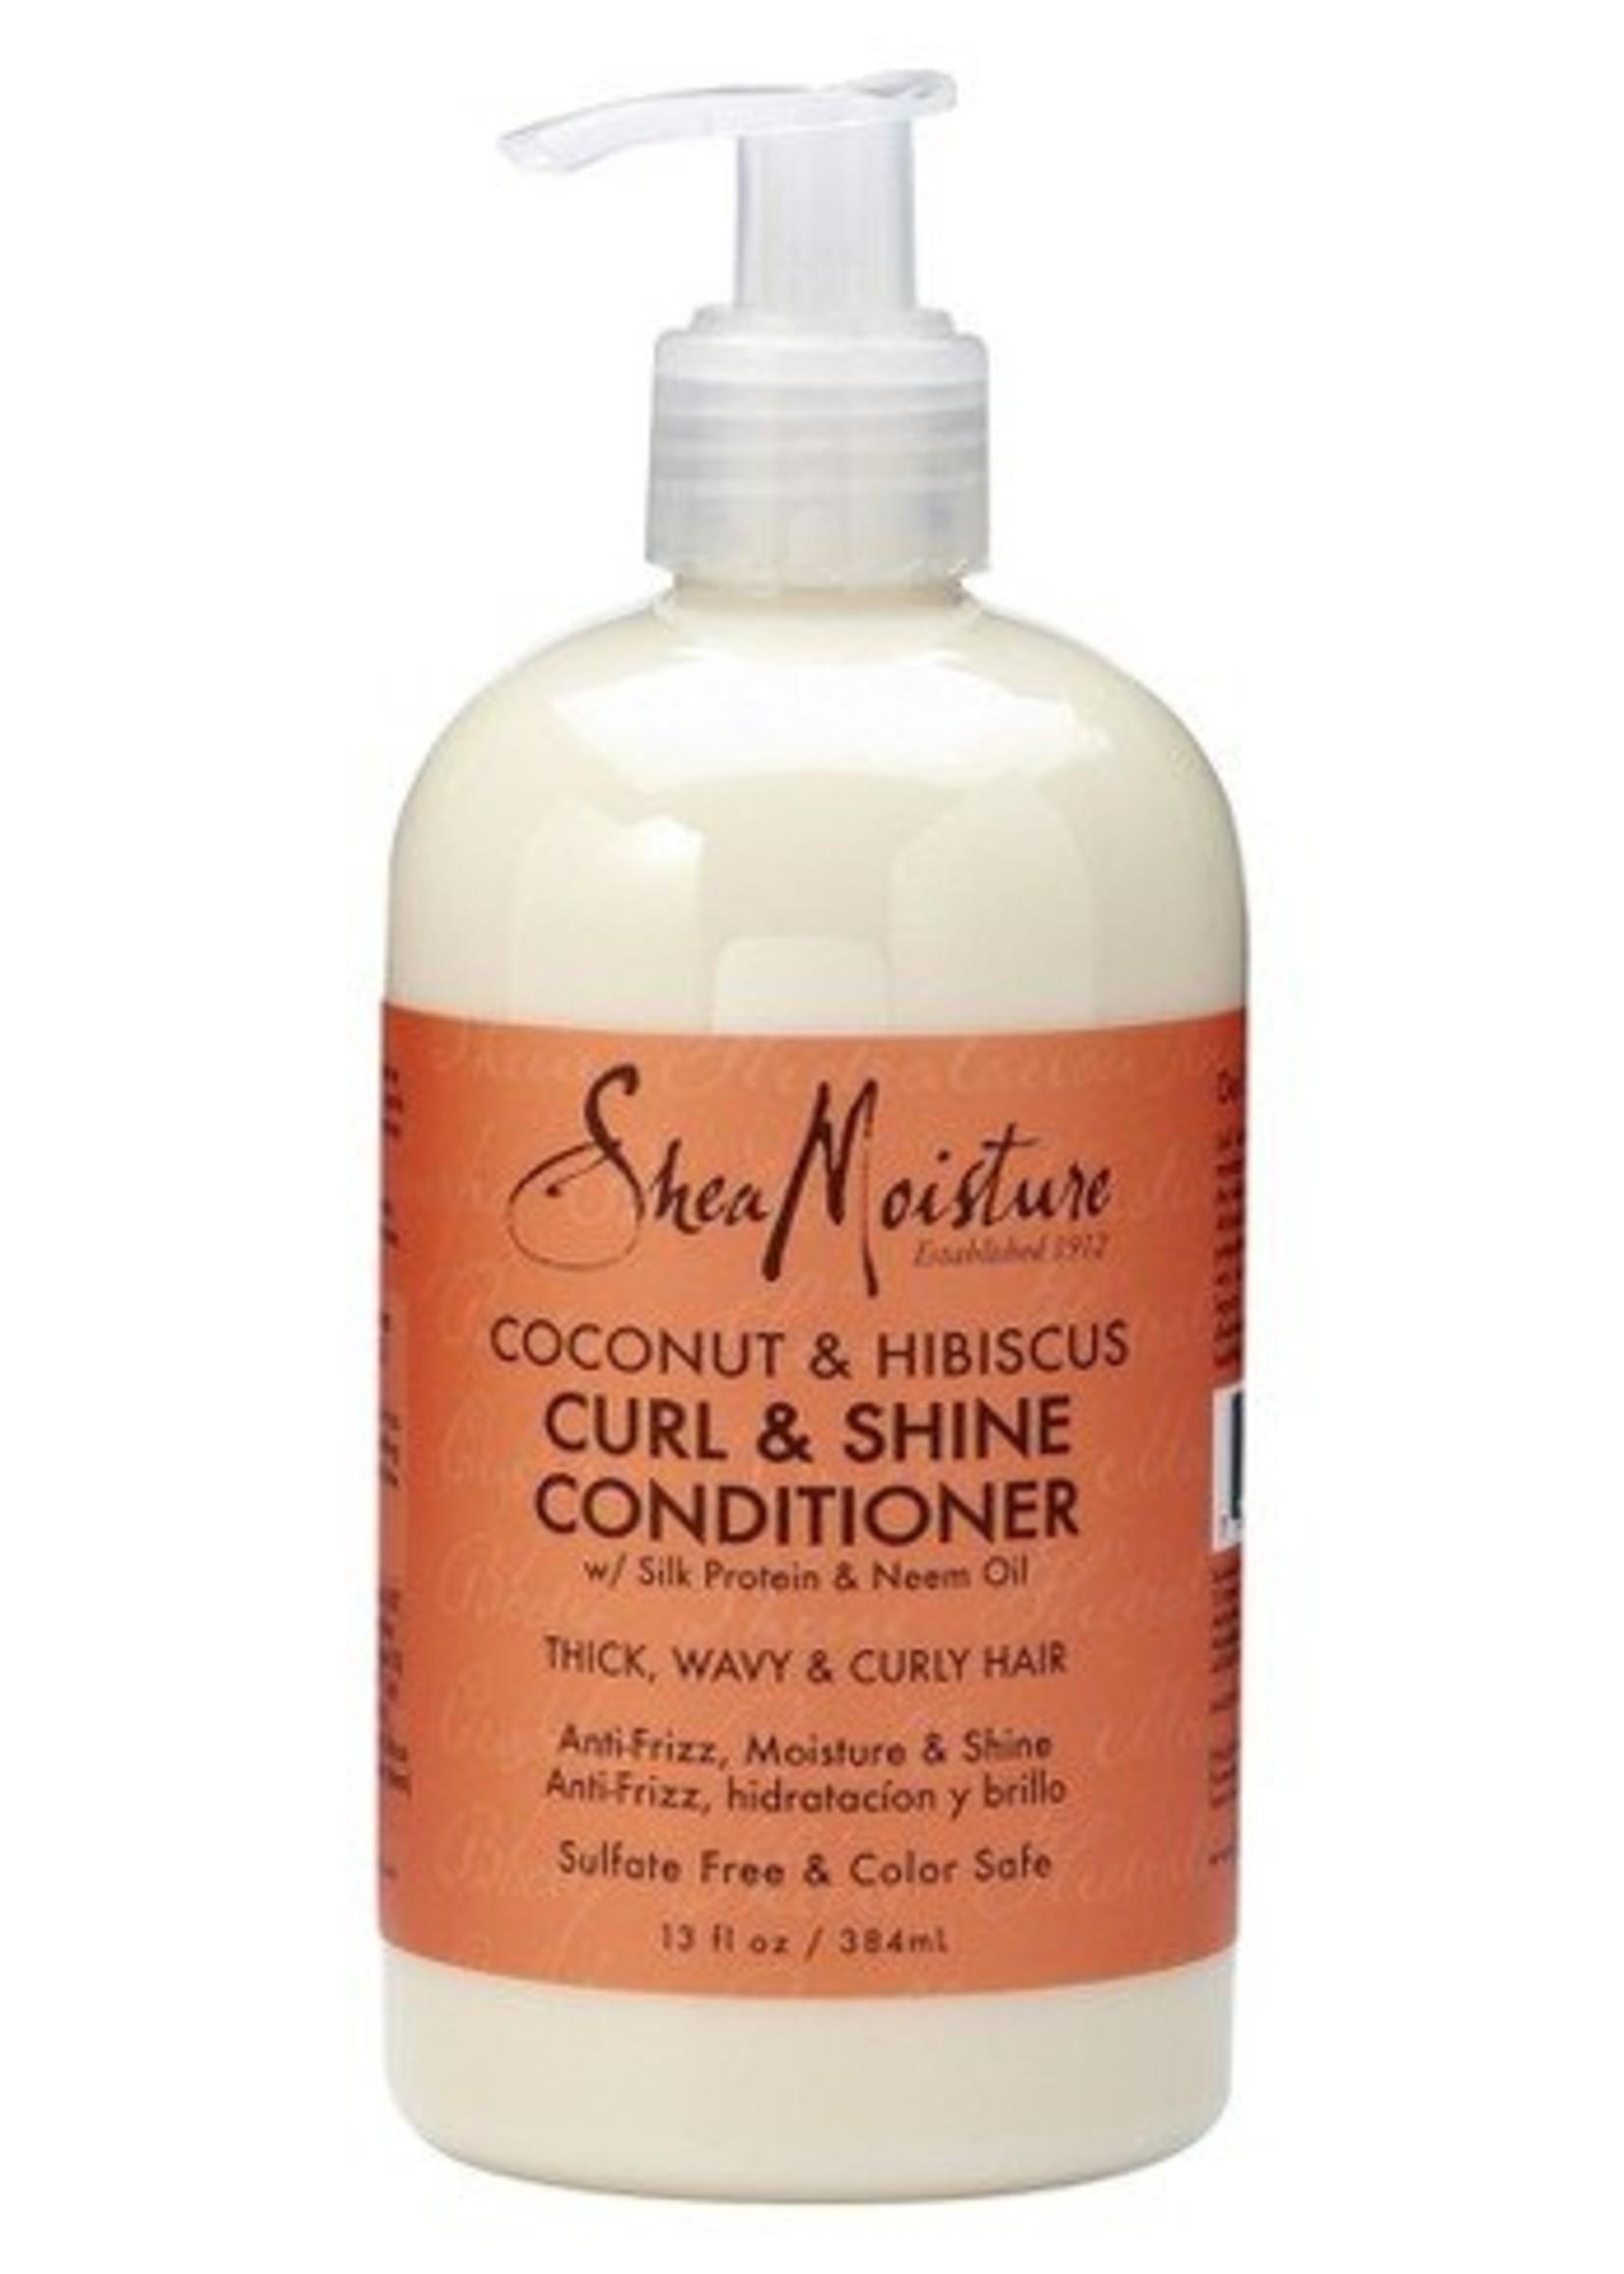 Shea Moisture Coconut & Hibiscus CURL & SHINE Conditioner (384ml)